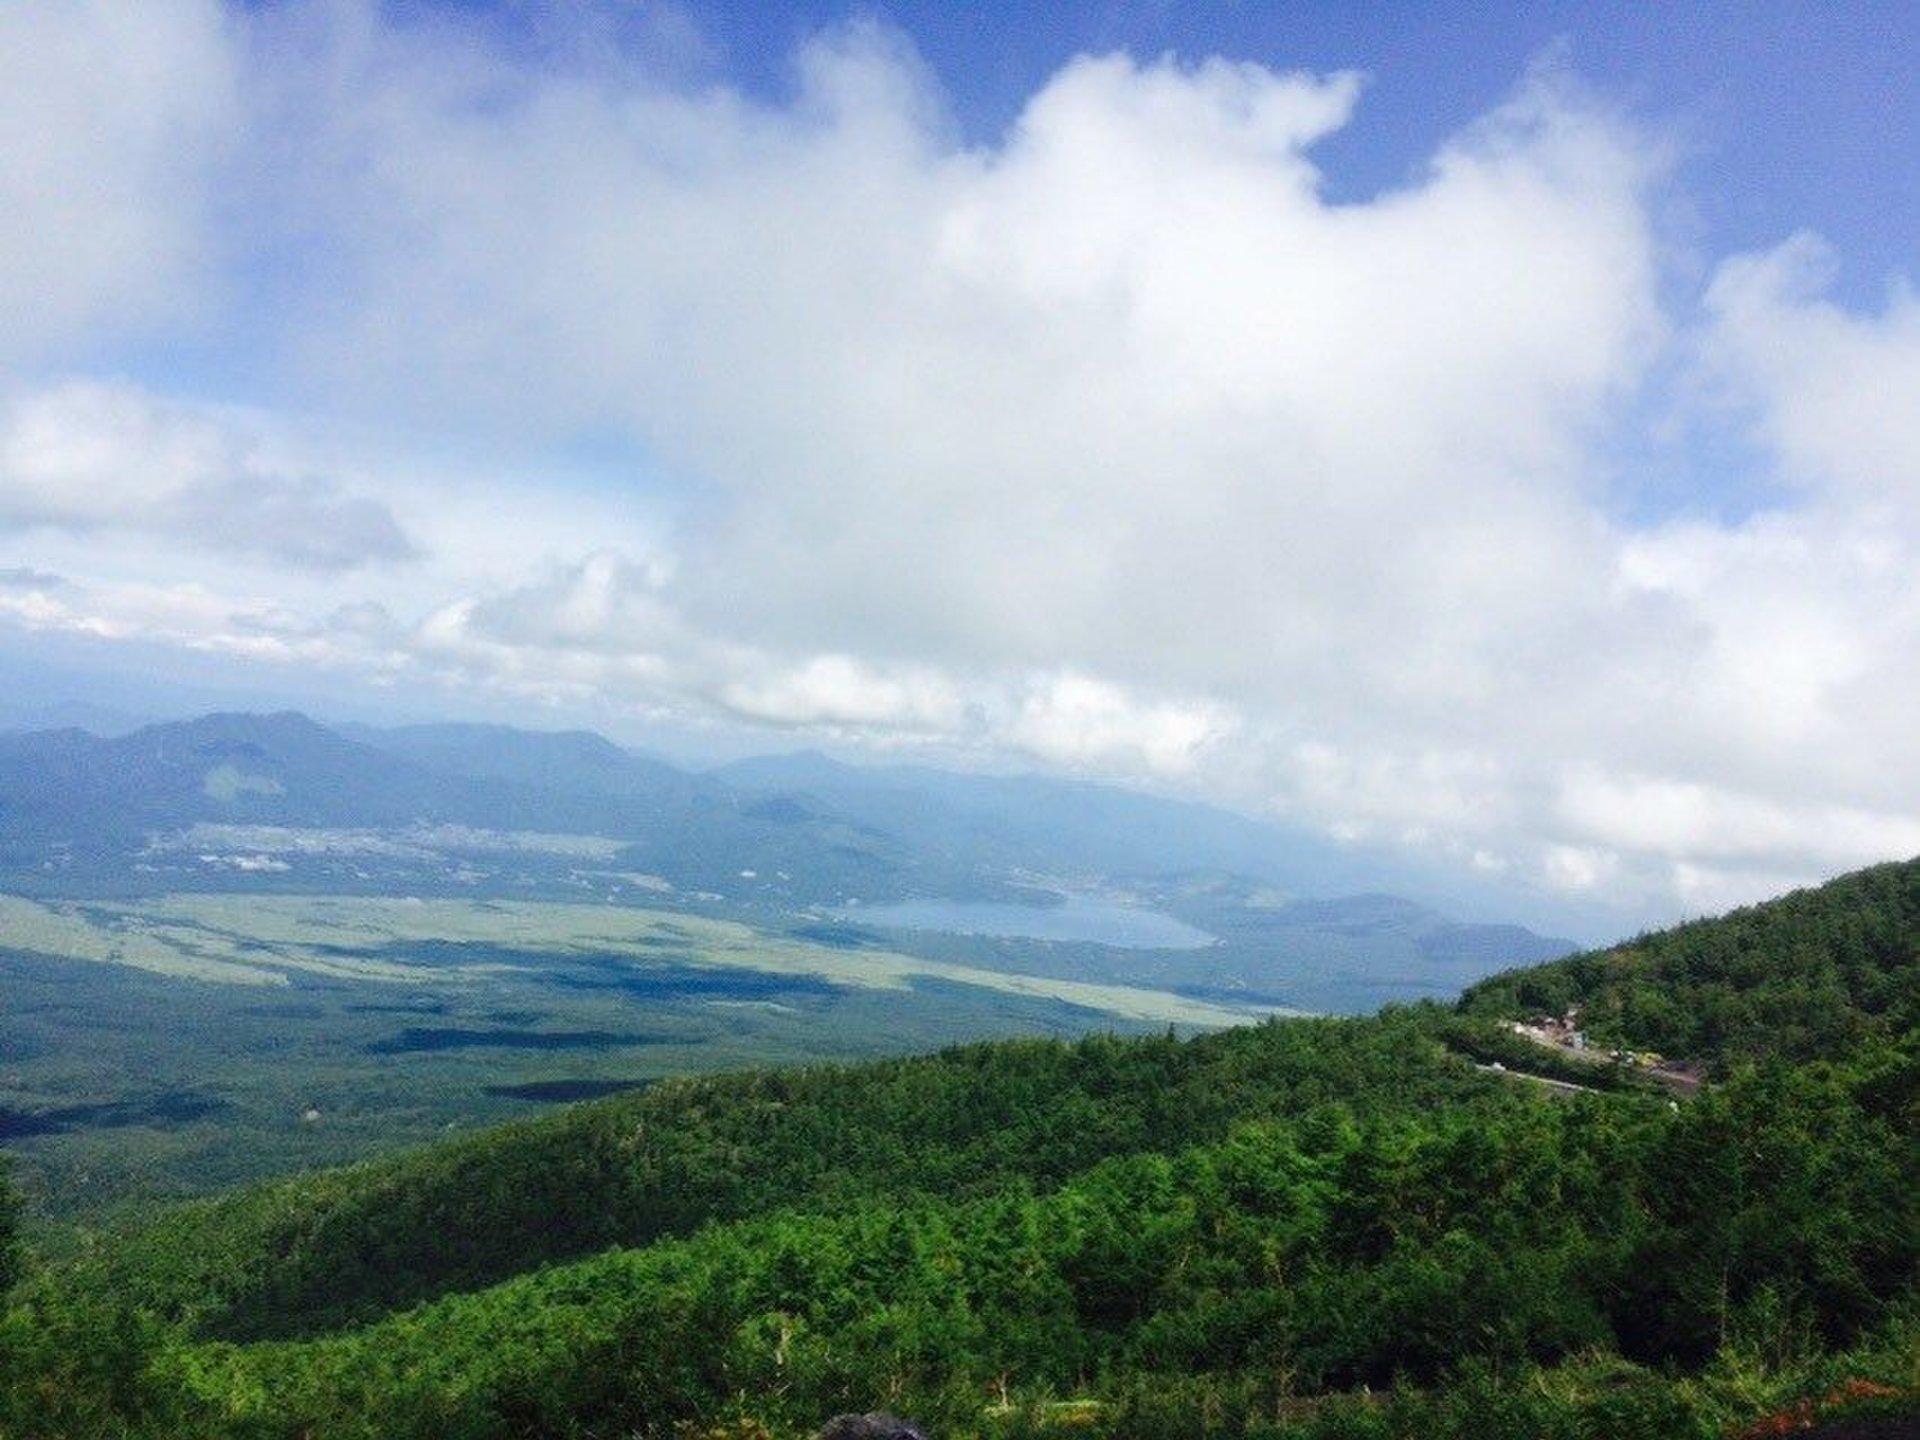 【静岡×登山×人気】富士山登頂!雄大な景色とご来光を拝みにいってみました!